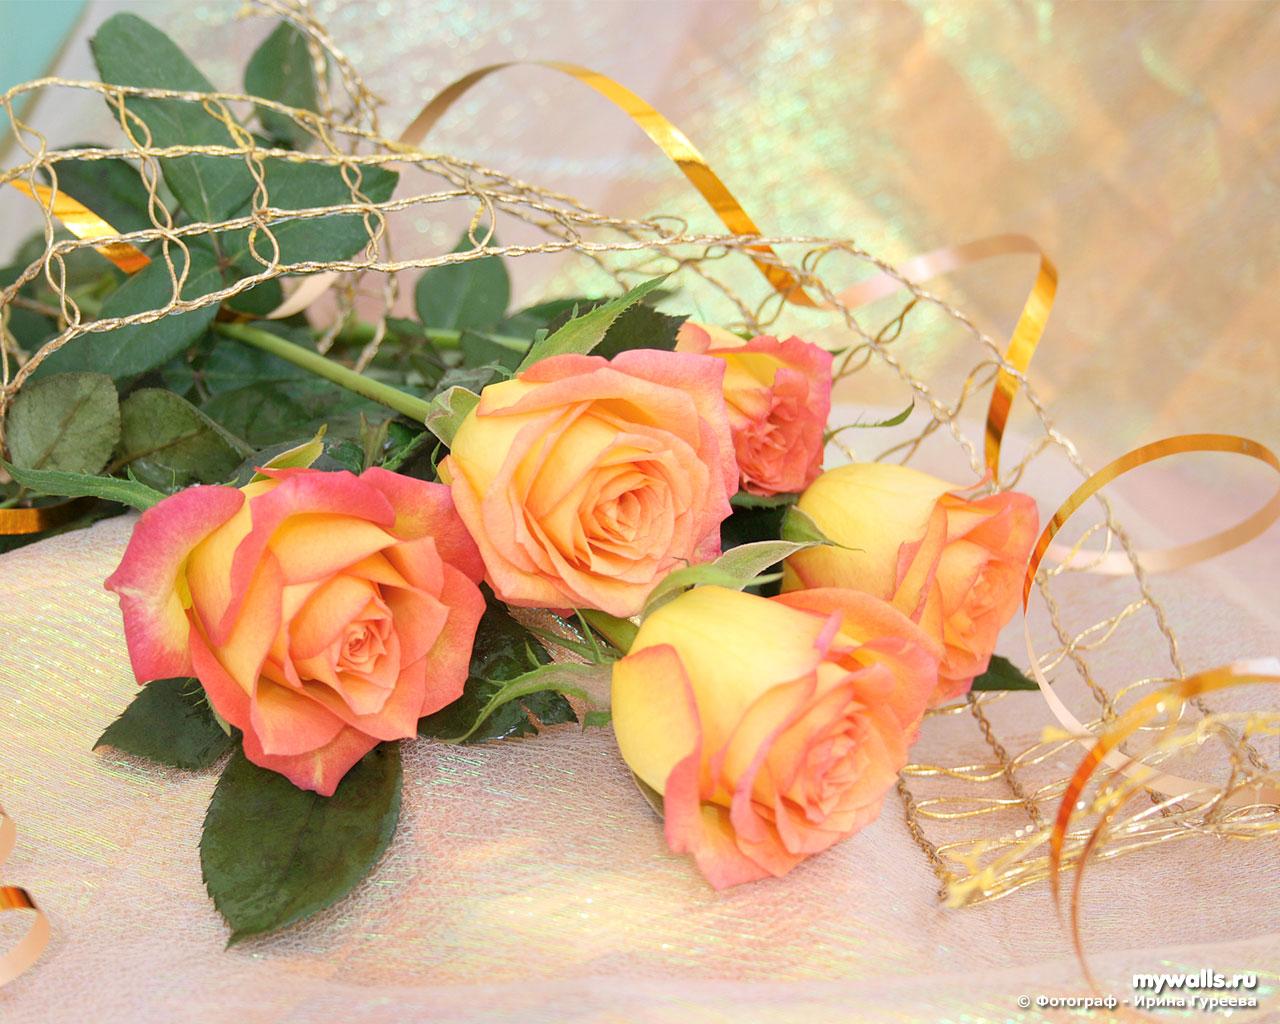 Стих к поздравлению цветы 920